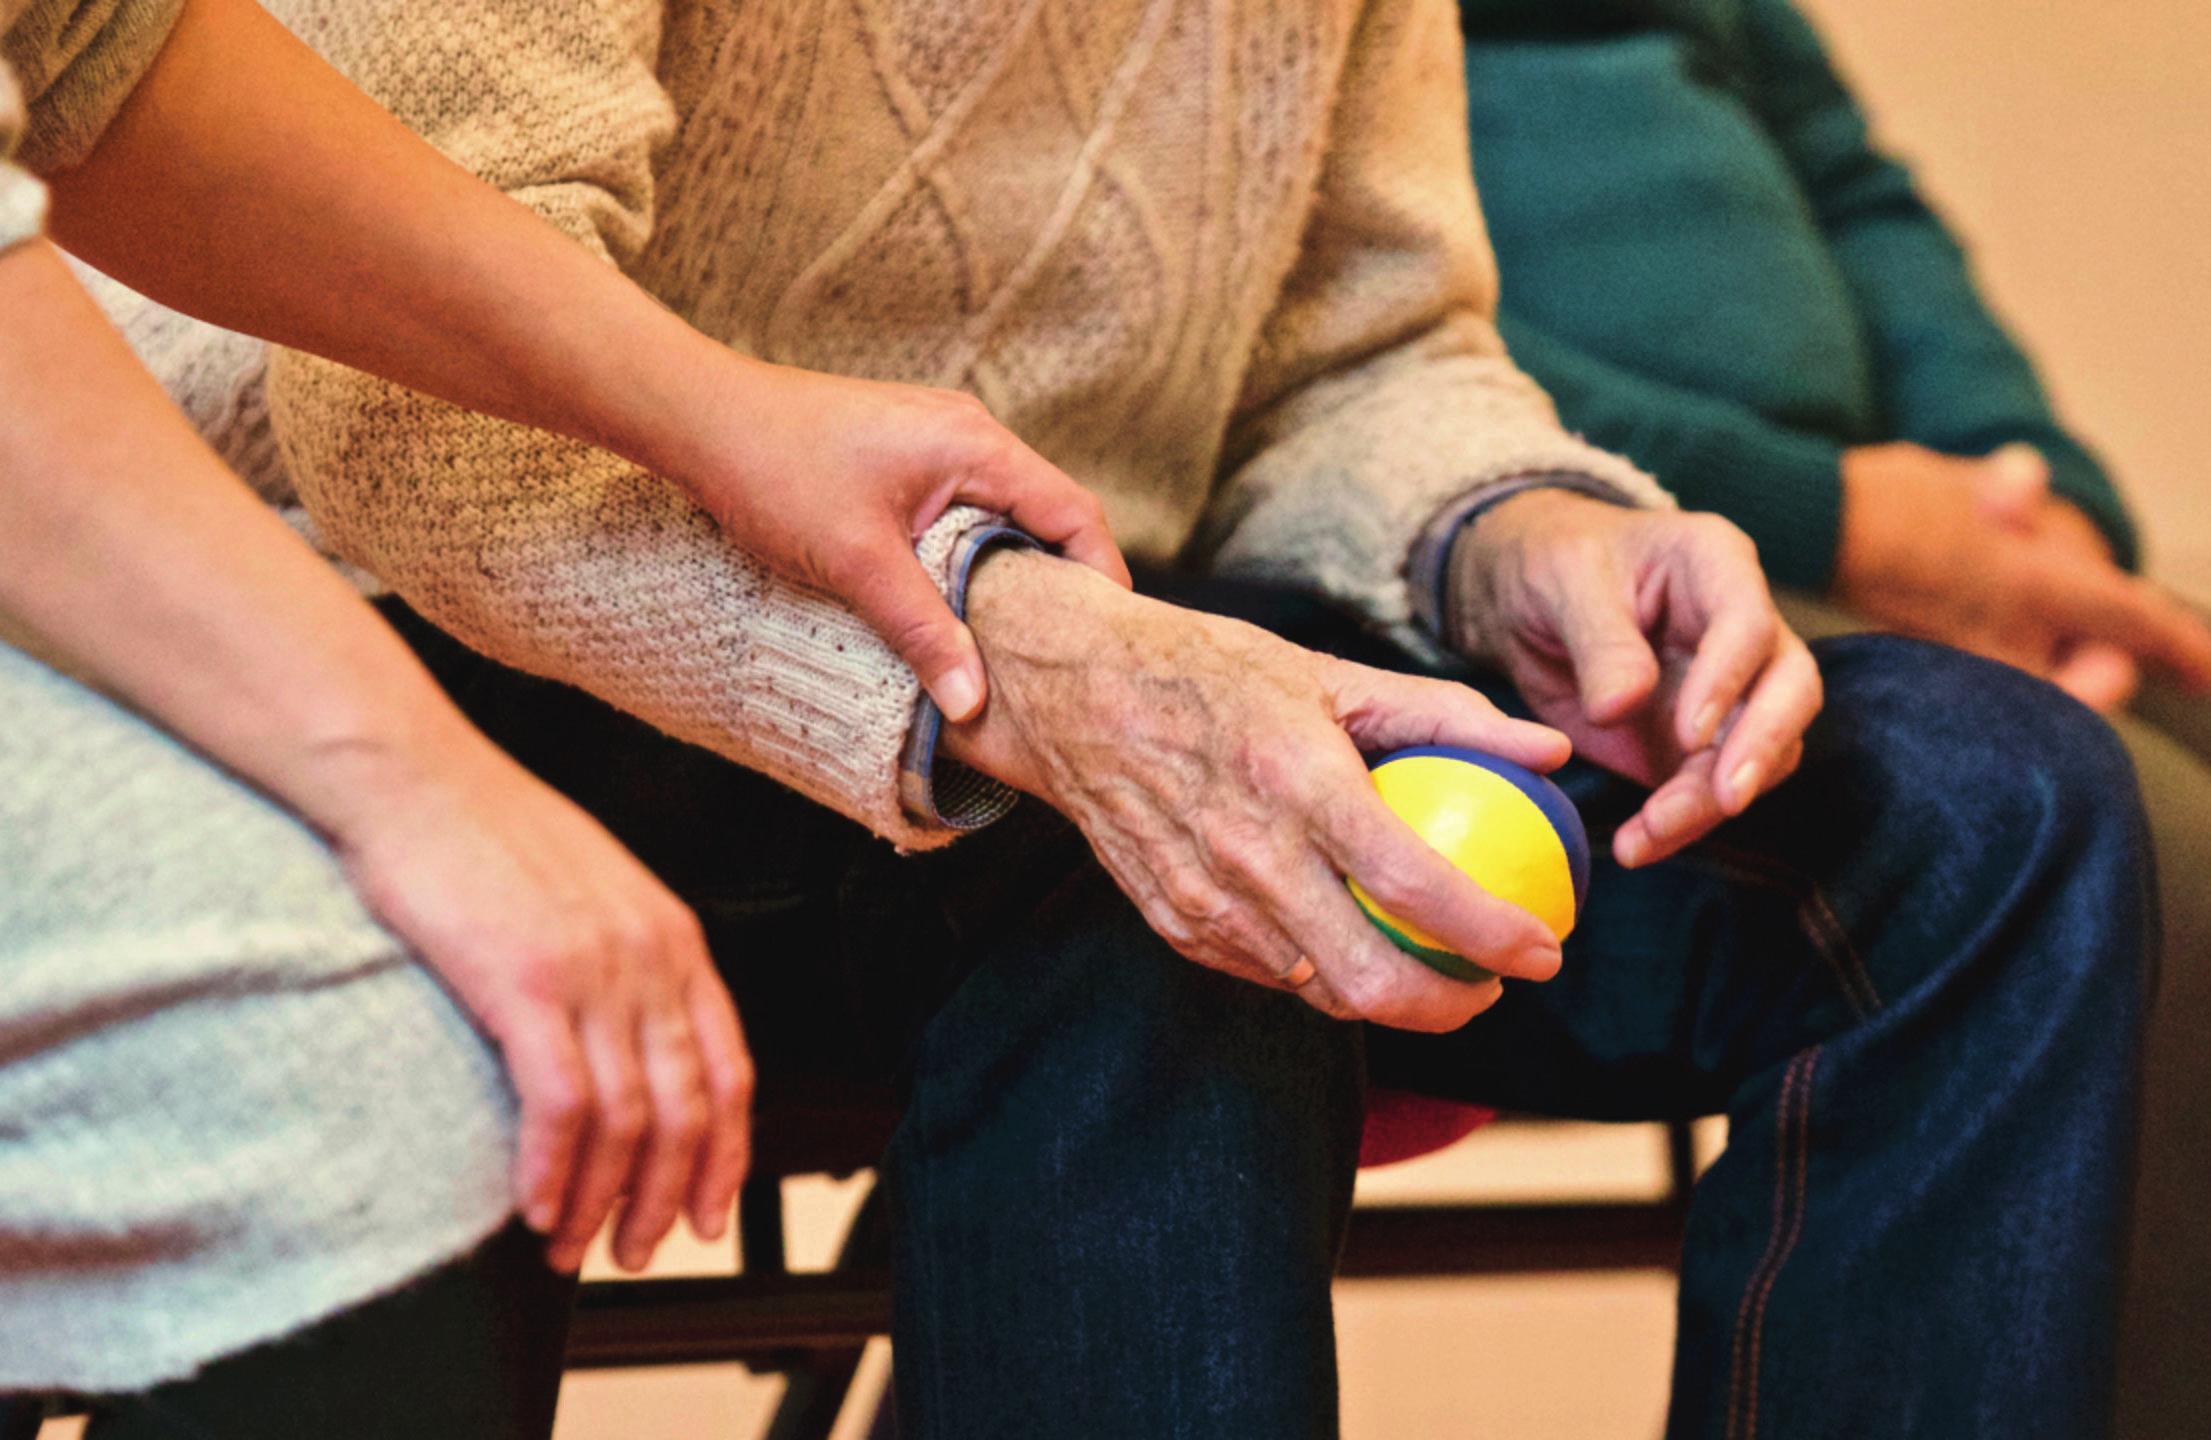 Zusätzliche Arbeitskräfte sorgen für eine Entlastung im Pflegealltag und damit für eine bessere Betreuung der Pflegebedürftigen. Foto:Pexels.com